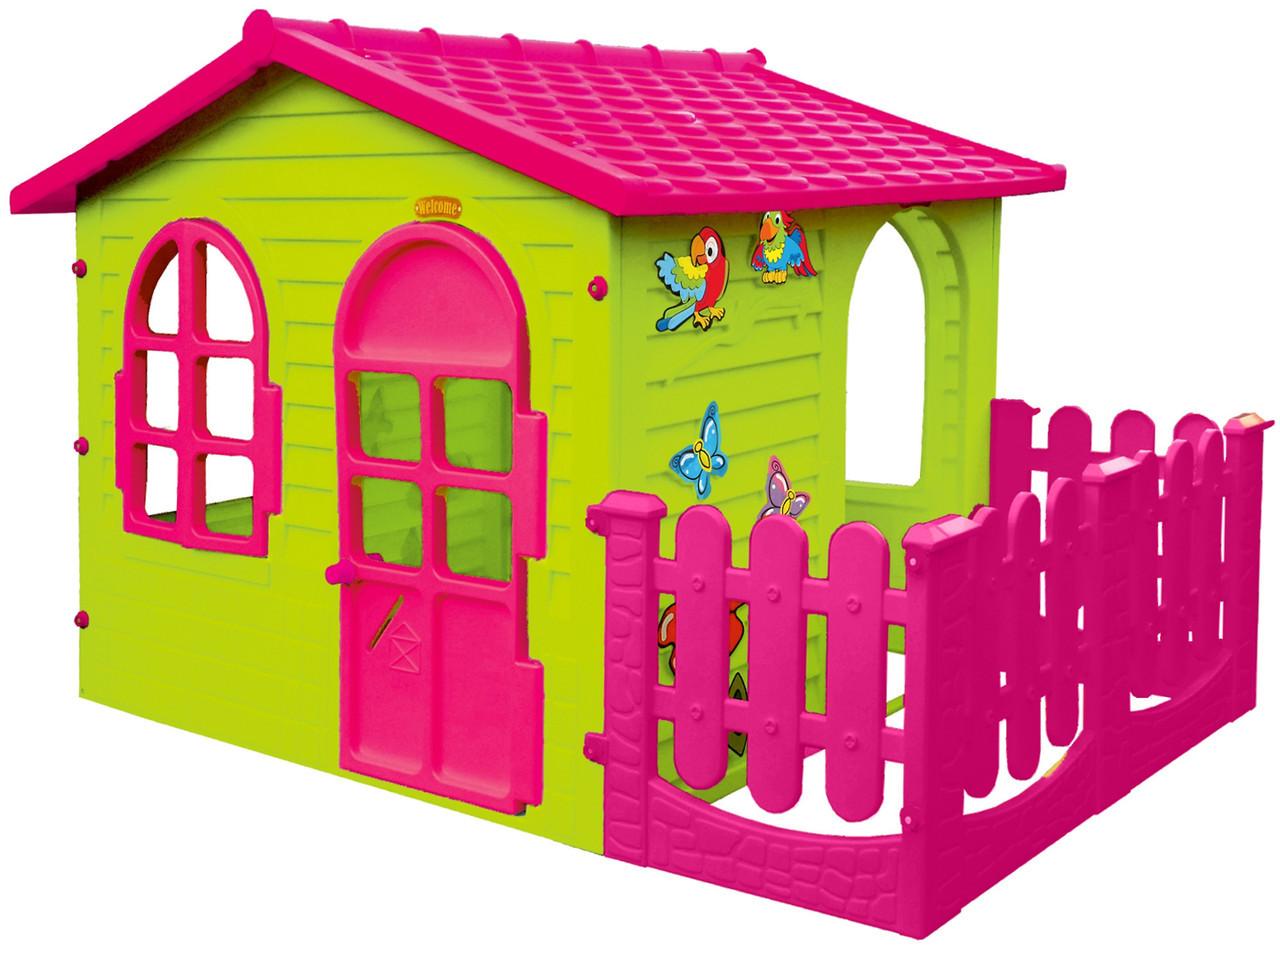 Детский игровой домик  Mochtoy розовая крыша